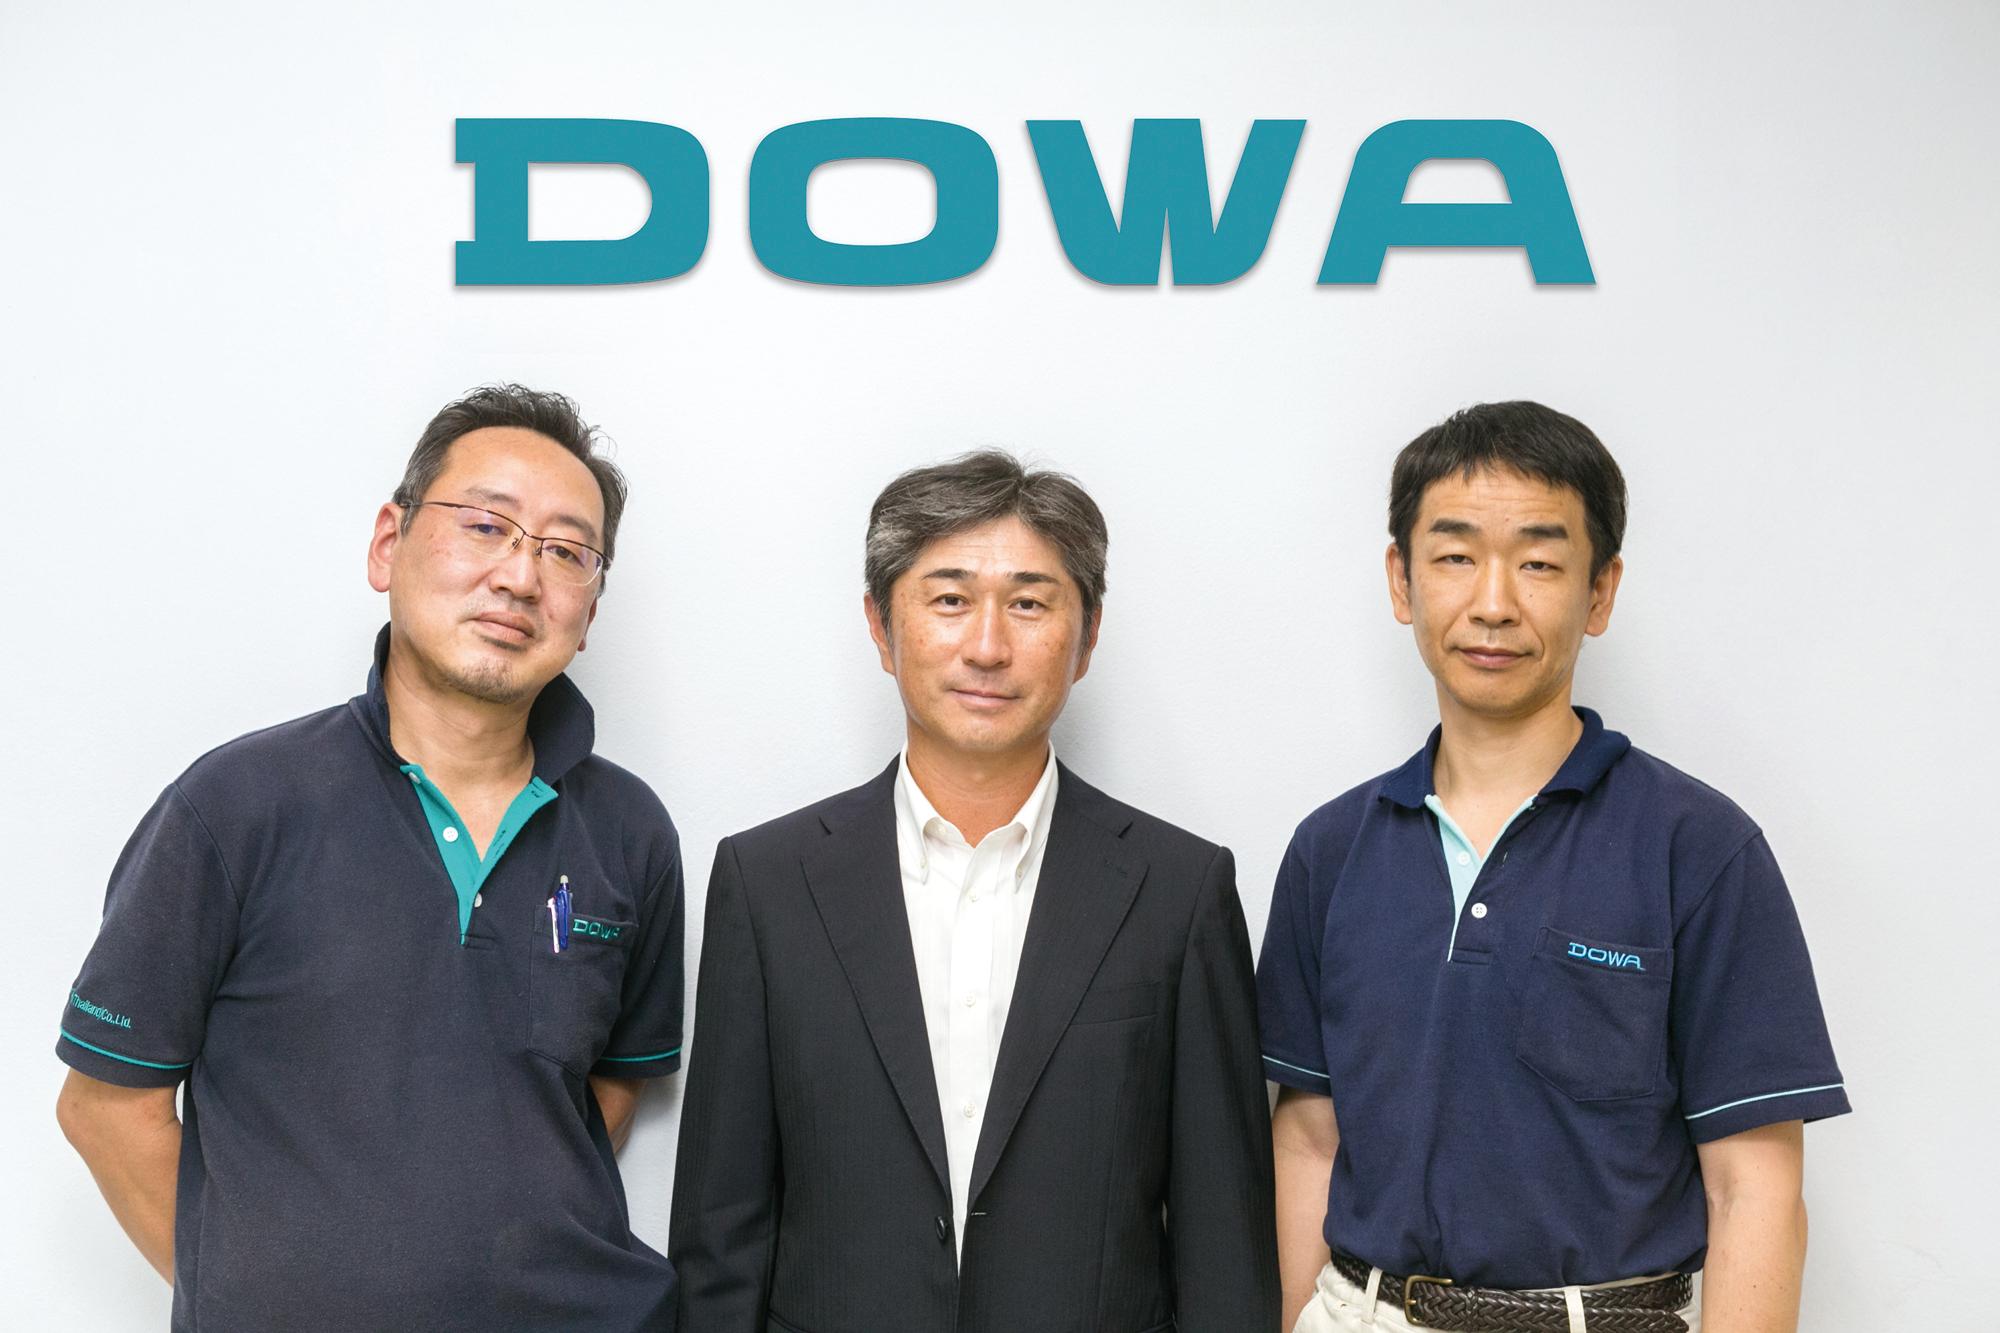 同社を率いる日本人エキスパートたち(写真中央が加賀代表)。熱処理技術のトータルサポート体制とものづくりに対する真摯な姿勢を貫き、日本品質の技術立社であり続ける